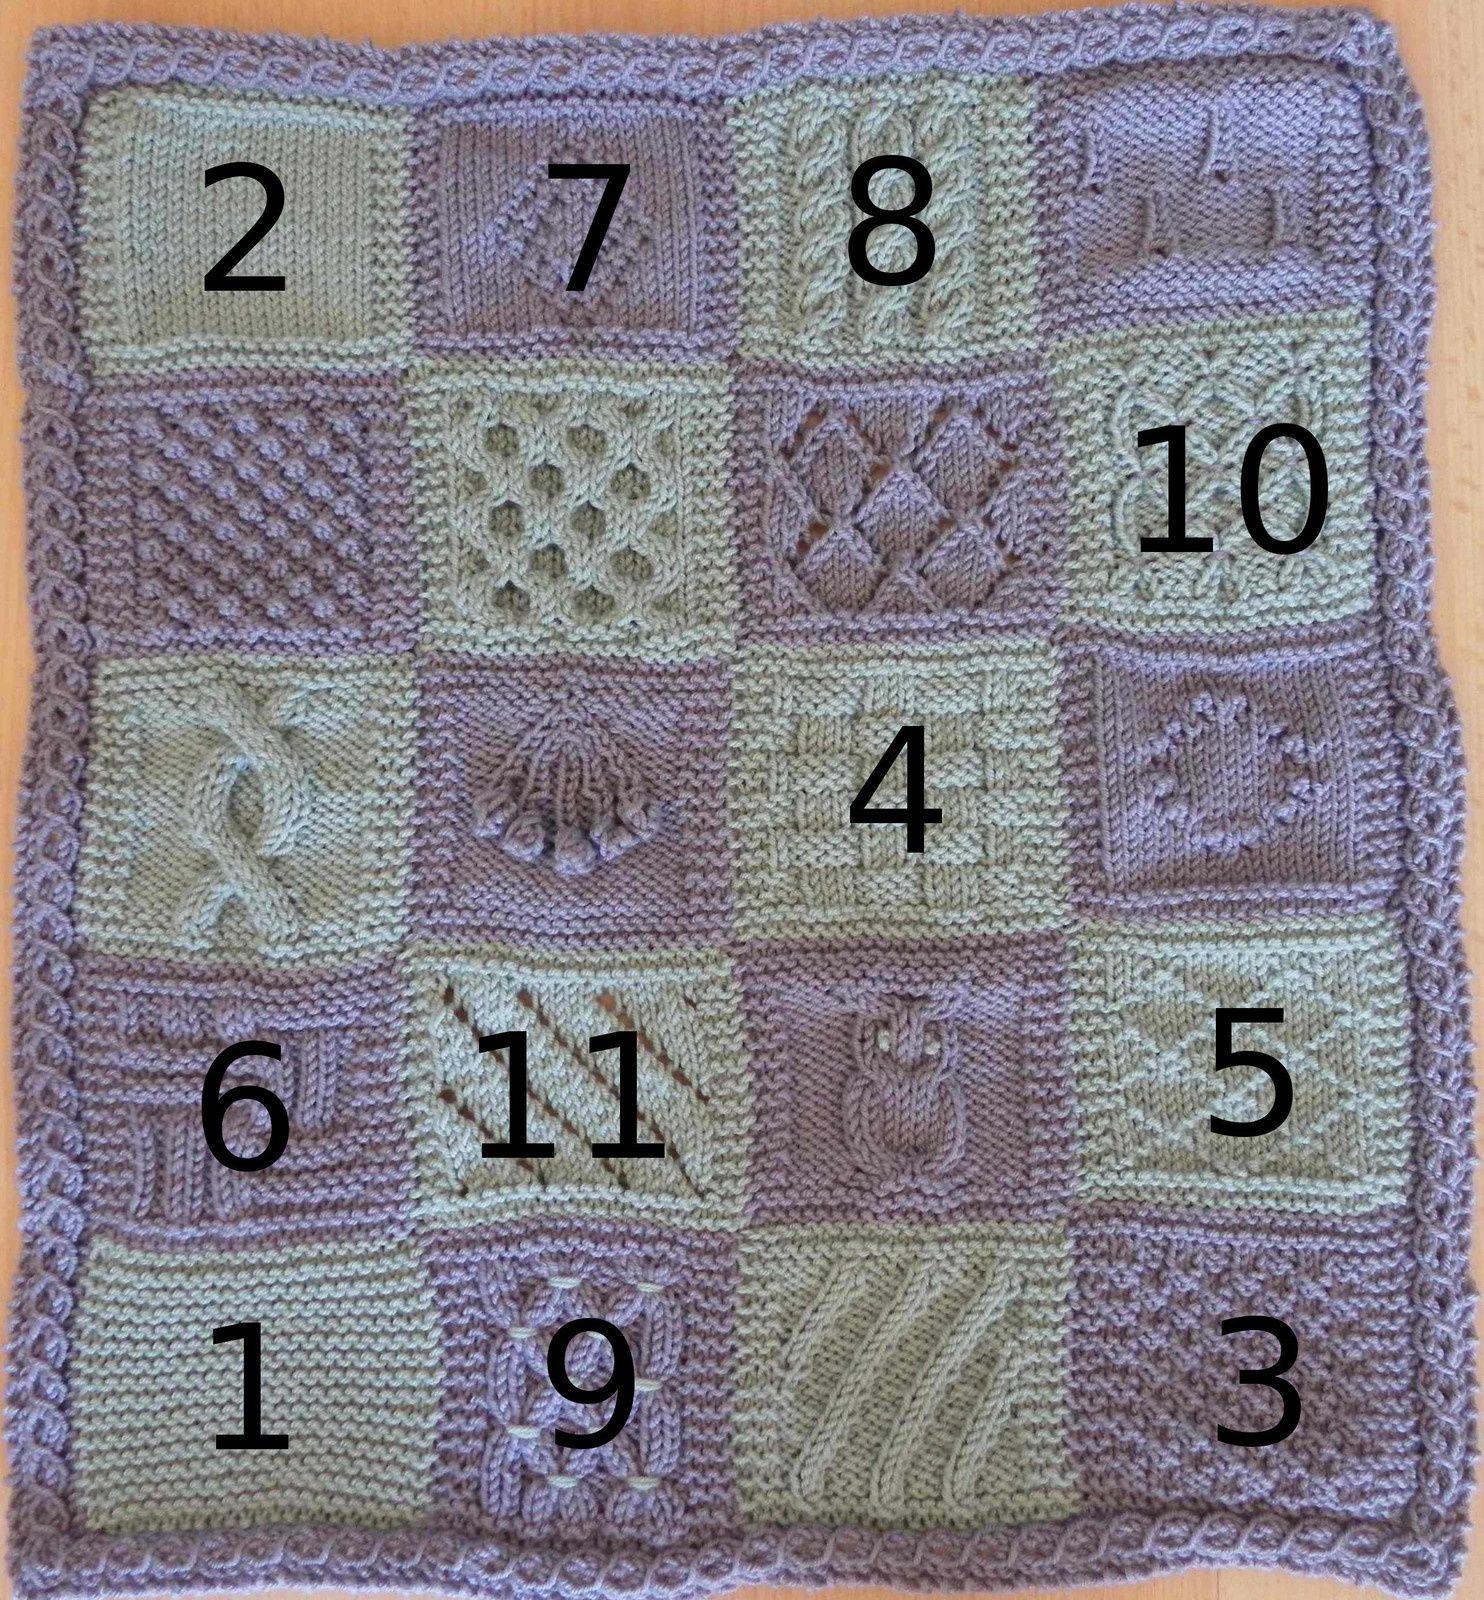 KAL boucle d'or version adulte : carré 11